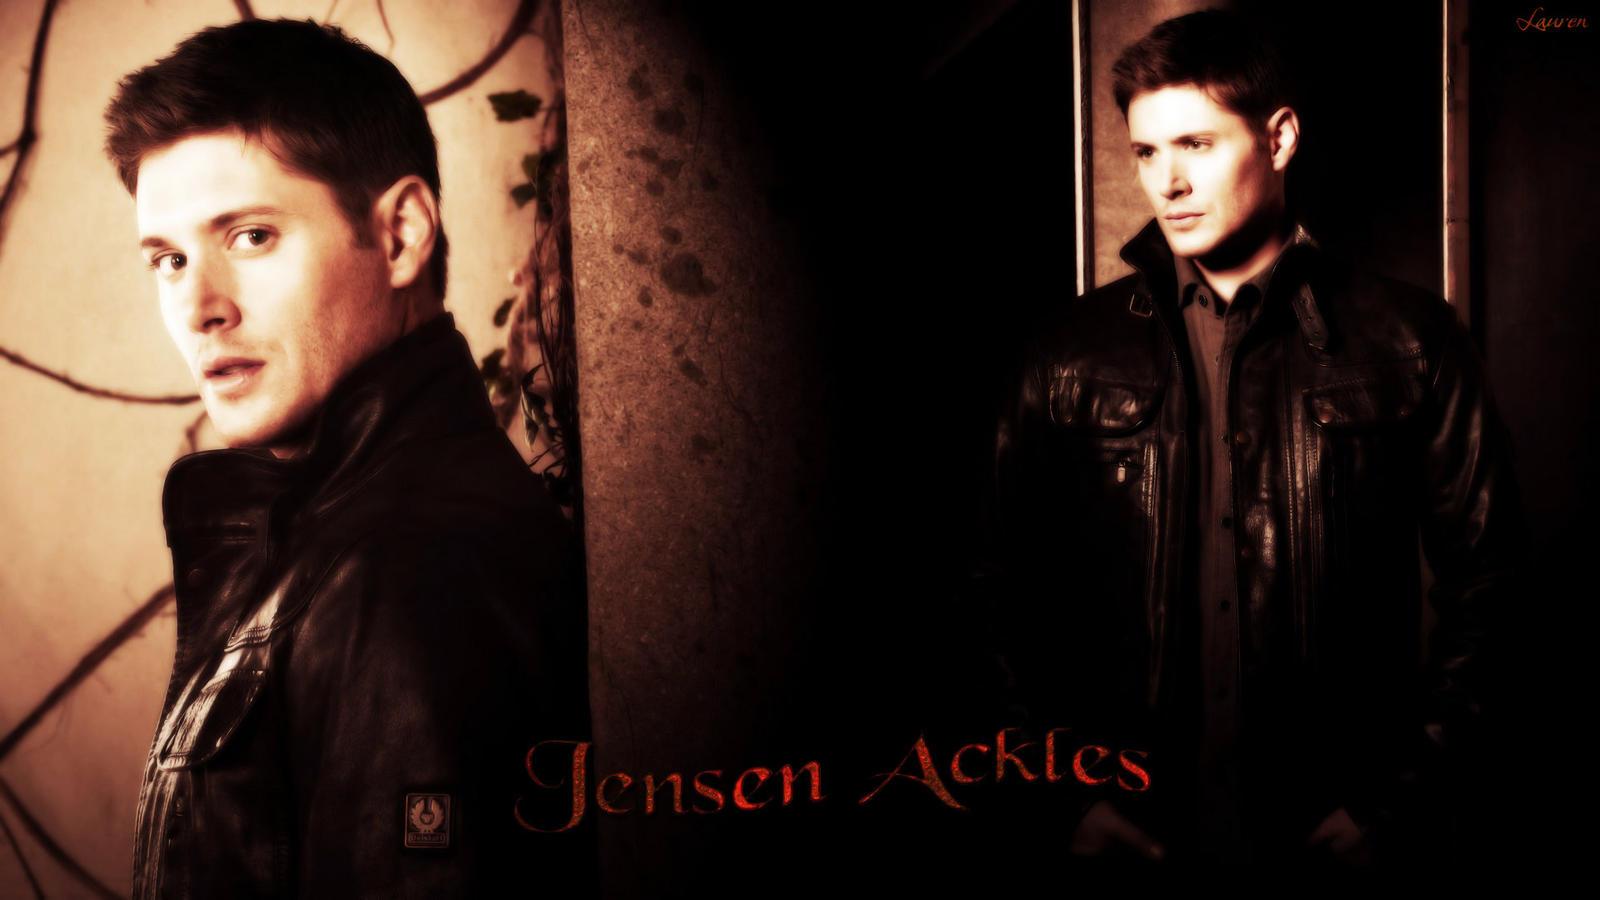 Jensen Ackles. by Lauren452